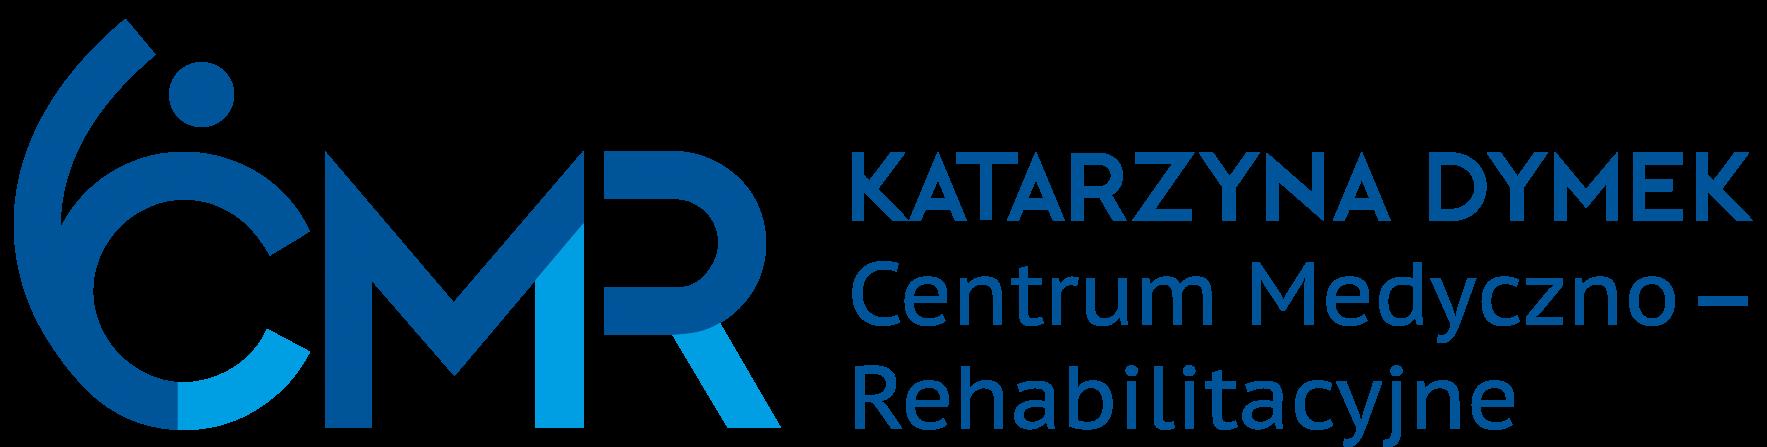 Centrum Medyczno-Rehabilitacyjne Katarzyna Dymek